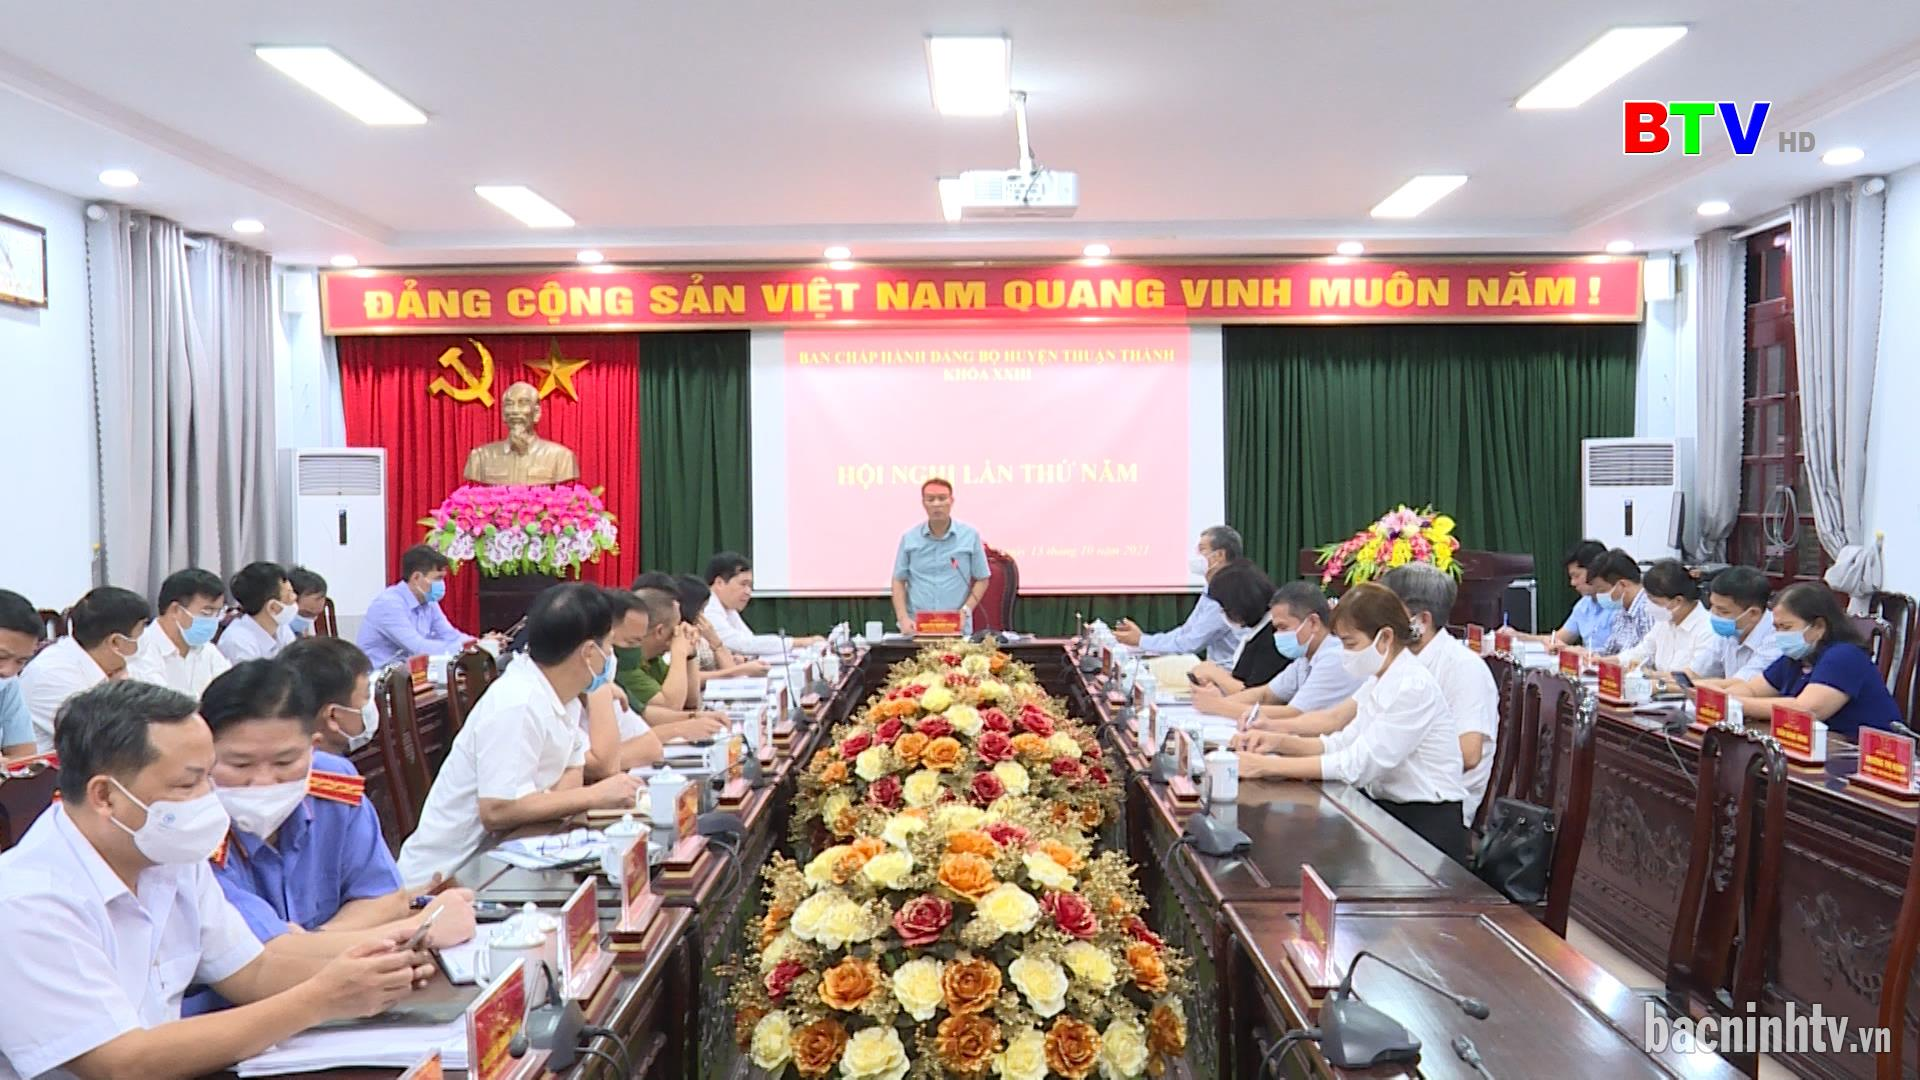 Hội nghị lần thứ V, BCH Đảng bộ huyện Thuận Thành khóa XXIII